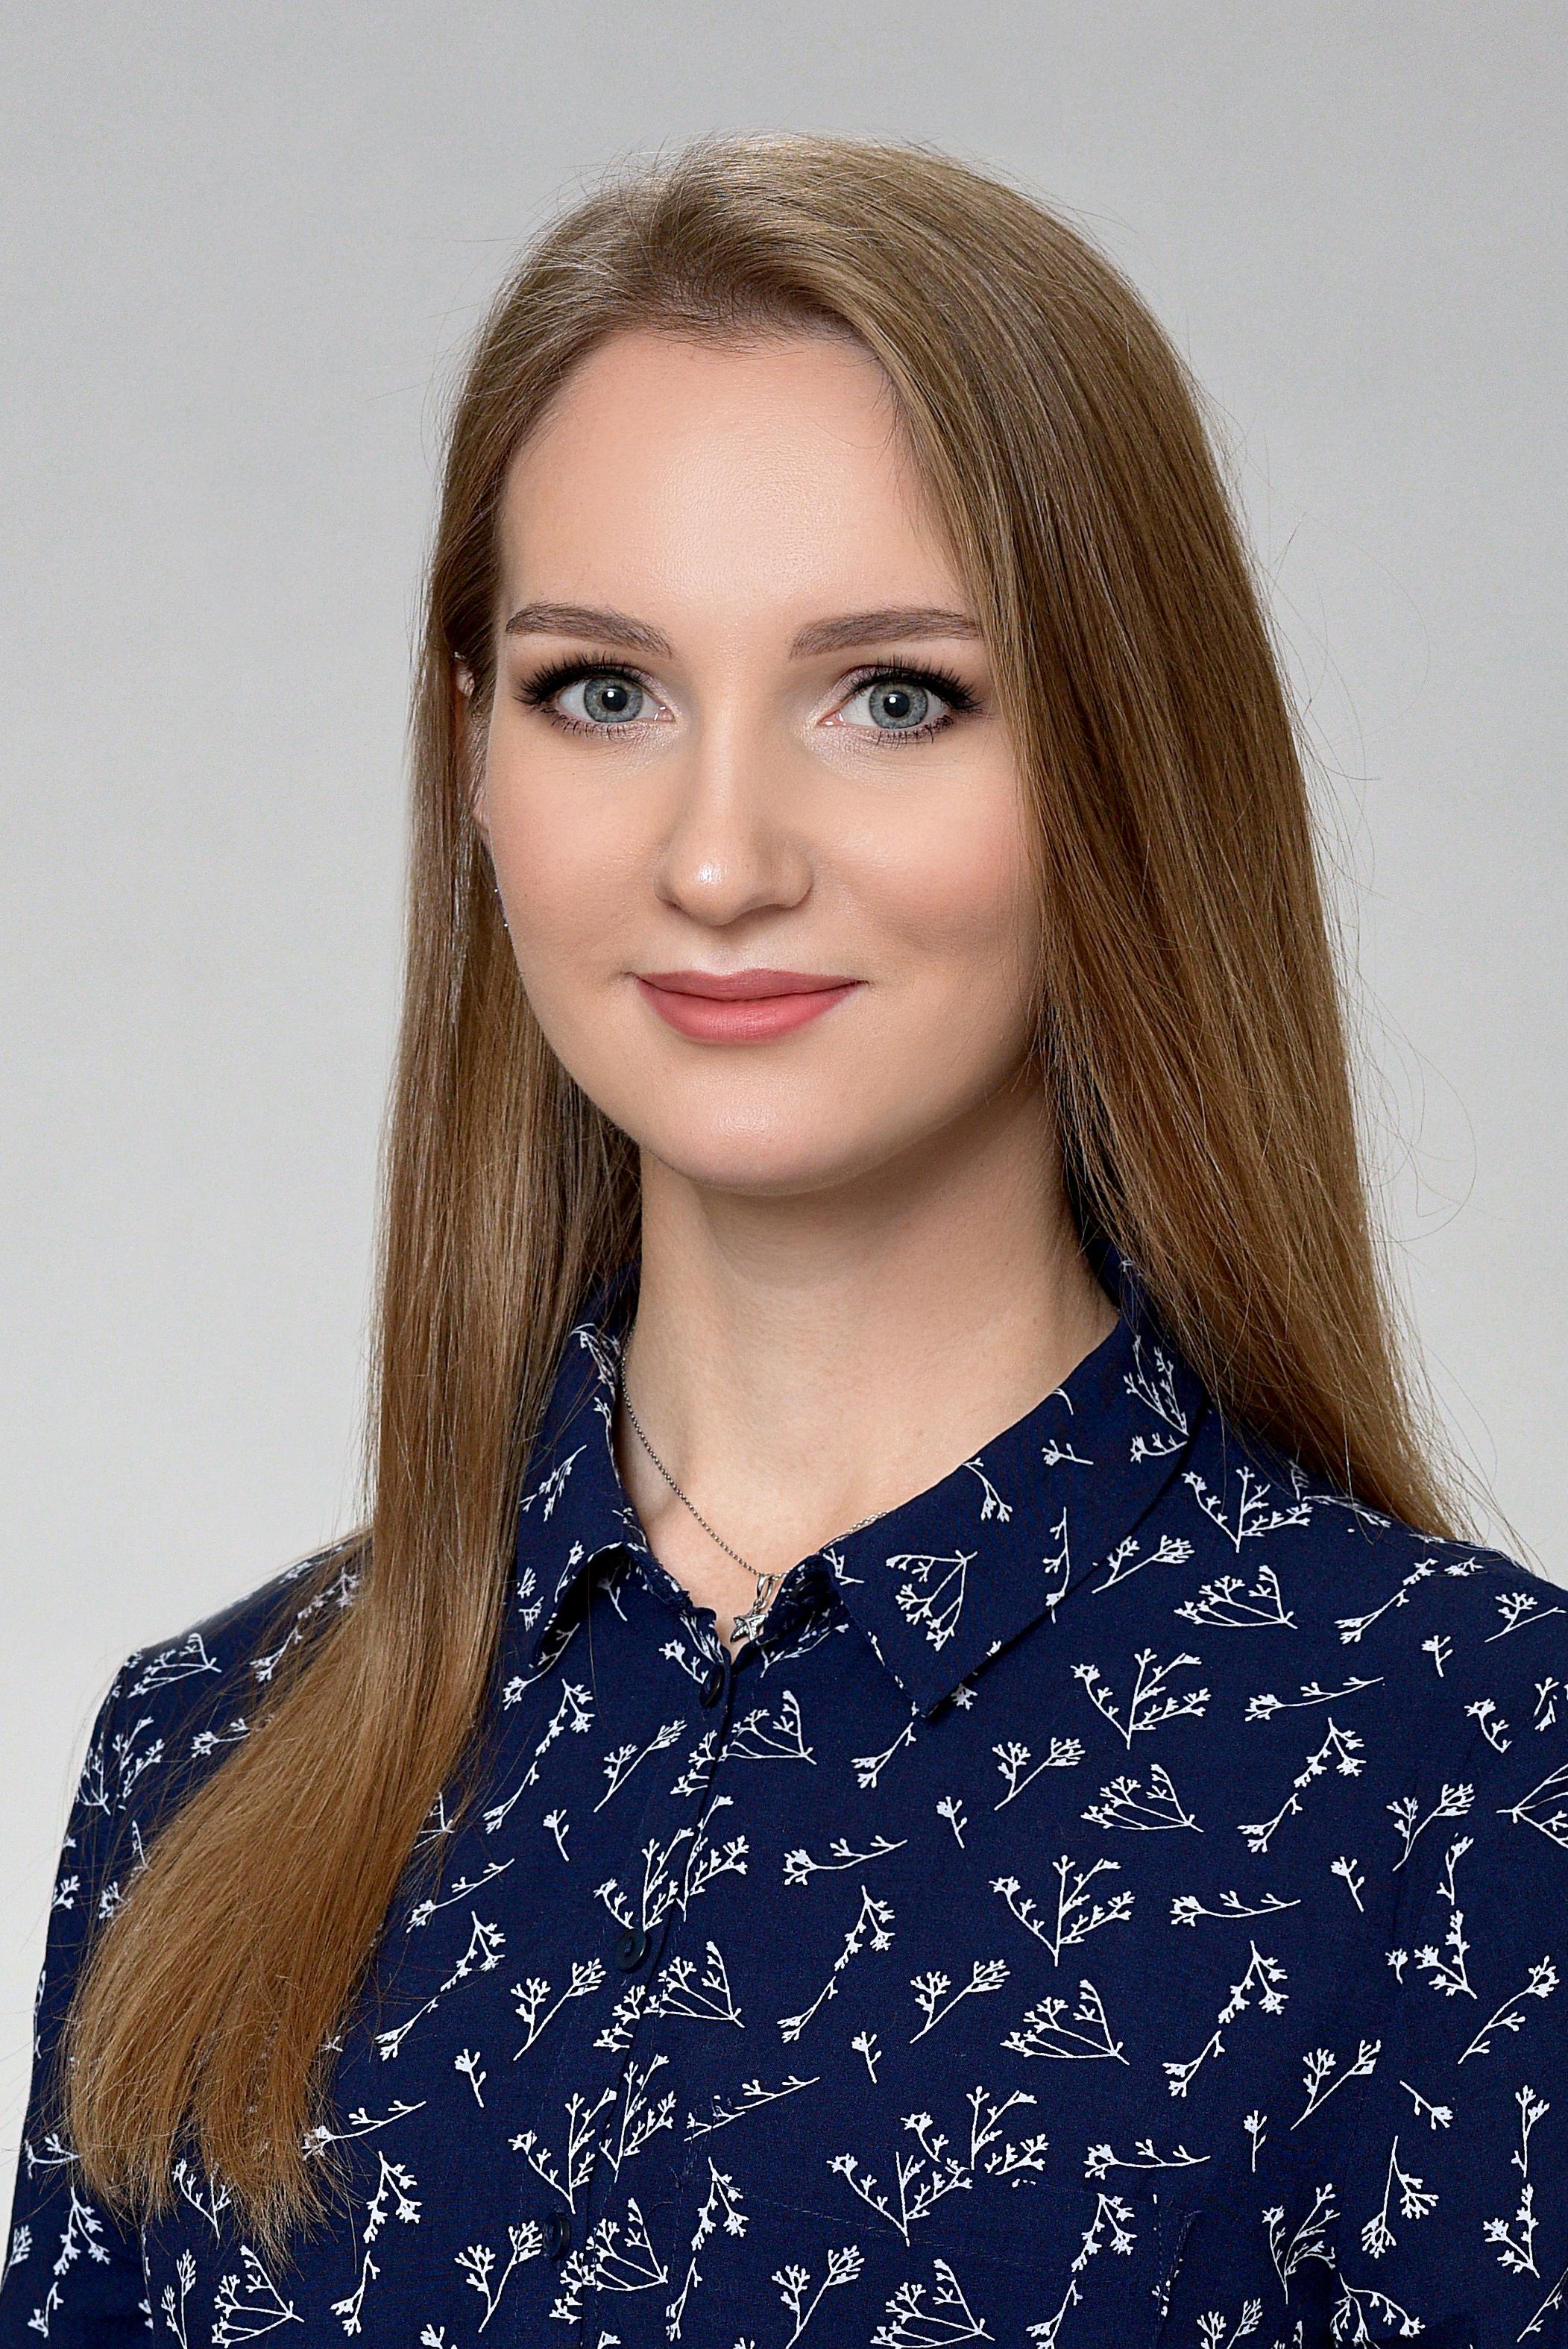 Фалалеева Алина Сергеевна